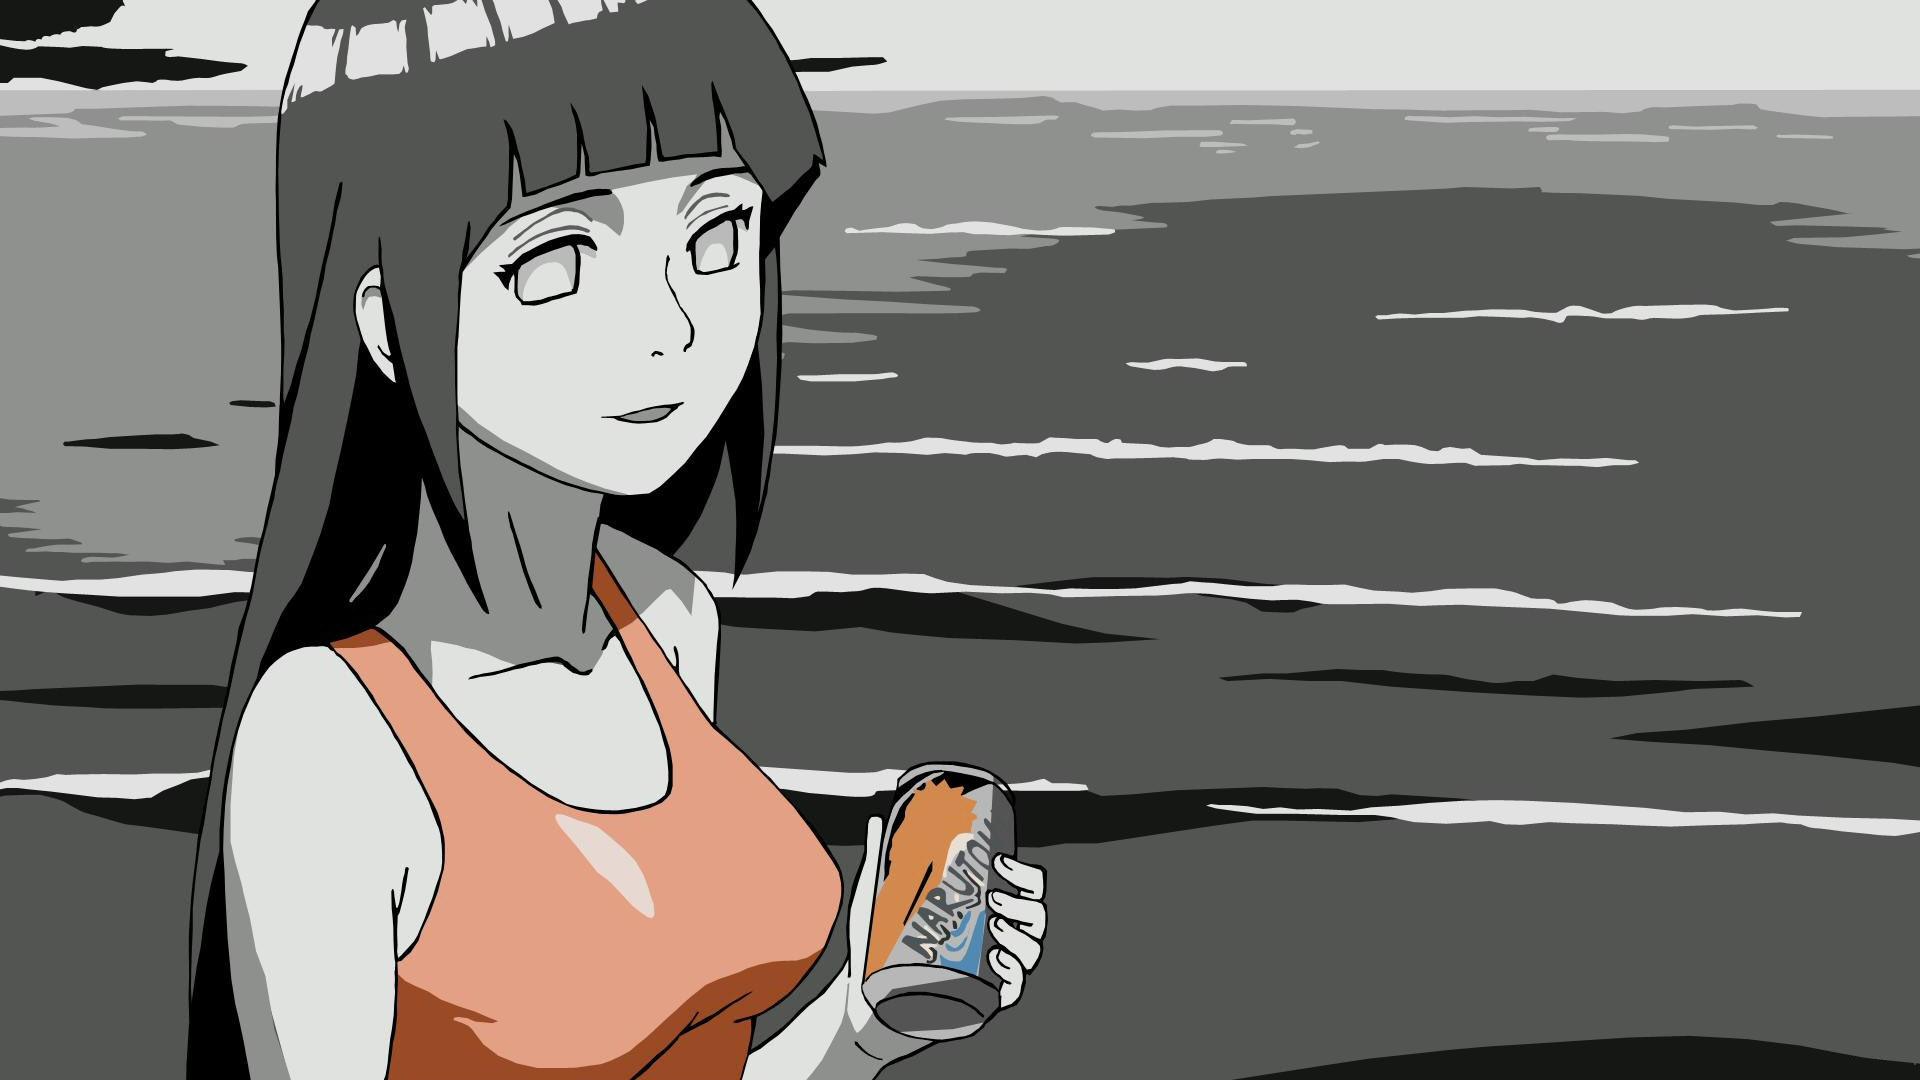 hinata hyuga naruto shippuden anime hd images 1920x1080